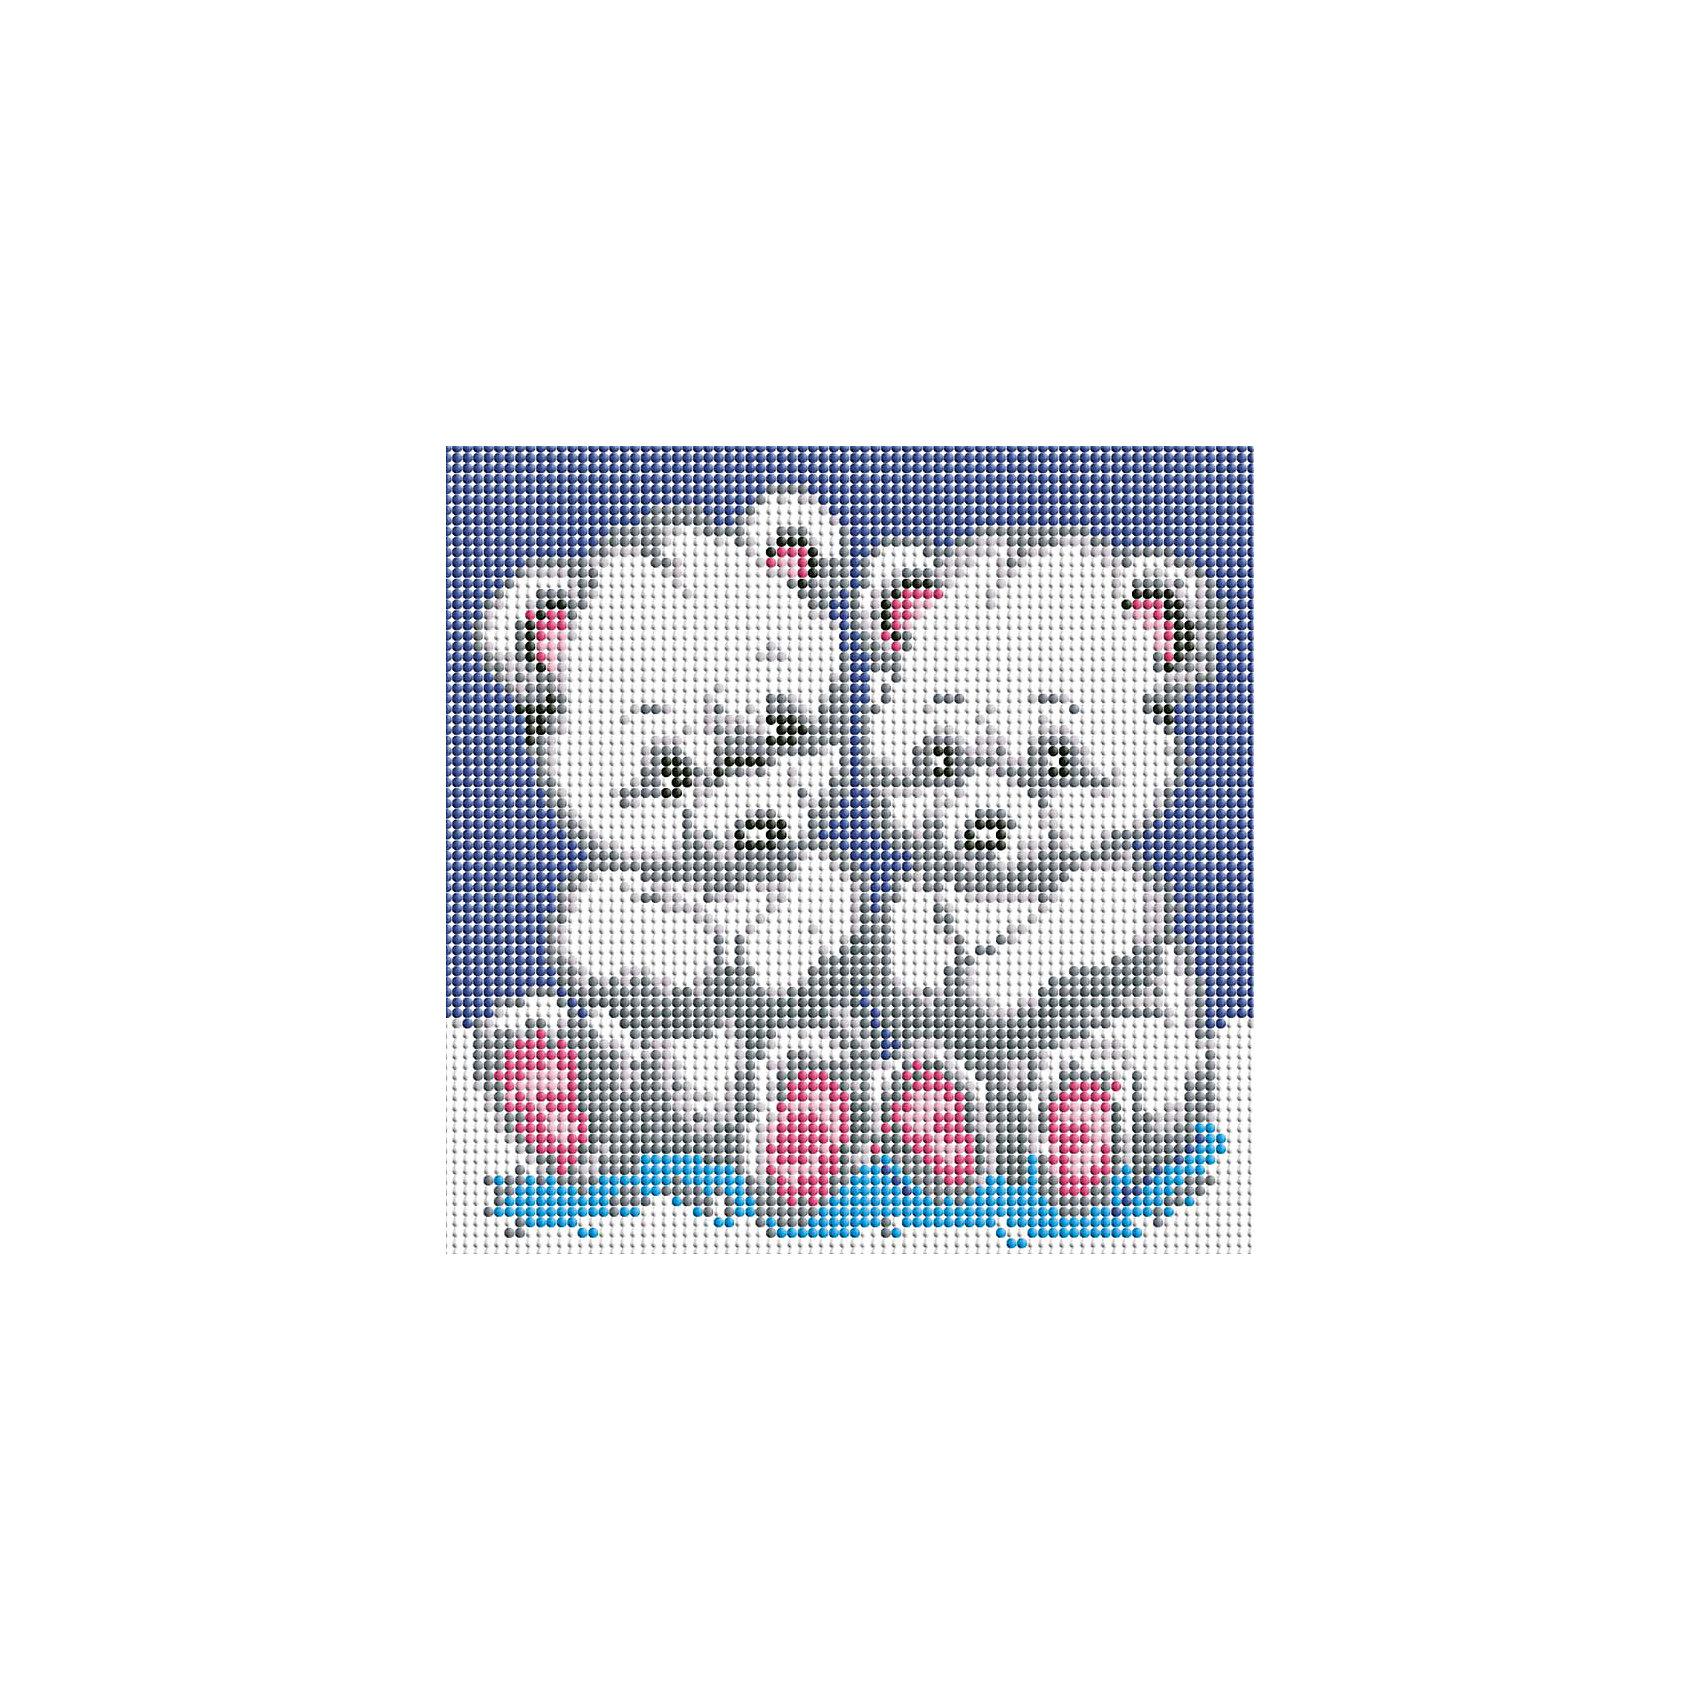 Мозаика на подрамнике МедвежатаХарактеристики:<br><br>• Предназначение: для творческих занятий<br>• Тематика: животные<br>• Пол: для девочек<br>• Материал: дерево, бумага, пластик<br>• Цвет: синий, белый, серый, розовый, черный и др.<br>• Количество цветов: 9<br>• Комплектация: холст на подрамнике, стразы, пинцет, карандаш для камней, клей, лоток для камней инструкция<br>• Размеры готовой работы (Ш*Д): 20*20 см<br>• Тип выкладки камней: сплошное заполнение рисунка<br>• Стразы квадратные формы ограненные<br>• Вес: 1 кг 100 г <br>• Упаковка: картонная коробка<br><br>Мозаика на подрамнике Медвежата – это набор от торговой марки Белоснежка, специализирующейся на товарах для творчества и рукоделия. Комплект для мозаики состоит из холста на деревянном подрамнике, набора необходимых камней и приспособлений для их выкладки. На холст нанесен рисунок с указанием цвета камней. С помощью пинцета выкладывается картина способом сплошного заполнения, что создает реалистичность изображения. Все материалы, используемые в наборе, экологичные и натуральные. Готовые наборы научат вашего ребенка сочетать цвета и оттенки, действовать по заданному образцу, будут способствовать развитию внимательности, усидчивости и зрительному восприятию. <br>Занятия художественным творчеством являются не только средством творческого и эстетического развития, но также воспитания и коррекции эмоциональных комплексов у детей и подростков. <br><br>С наборами от Белоснежки можно создать как отдельную картину, так и использовать поделку в качестве оригинального и яркого аксессуара для оформления интерьера или других более крупных предметов и поделок.<br><br>Мозаику на подрамнике Медвежата можно купить в нашем интернет-магазине.<br><br>Ширина мм: 210<br>Глубина мм: 210<br>Высота мм: 25<br>Вес г: 826<br>Возраст от месяцев: 144<br>Возраст до месяцев: 192<br>Пол: Женский<br>Возраст: Детский<br>SKU: 5089765